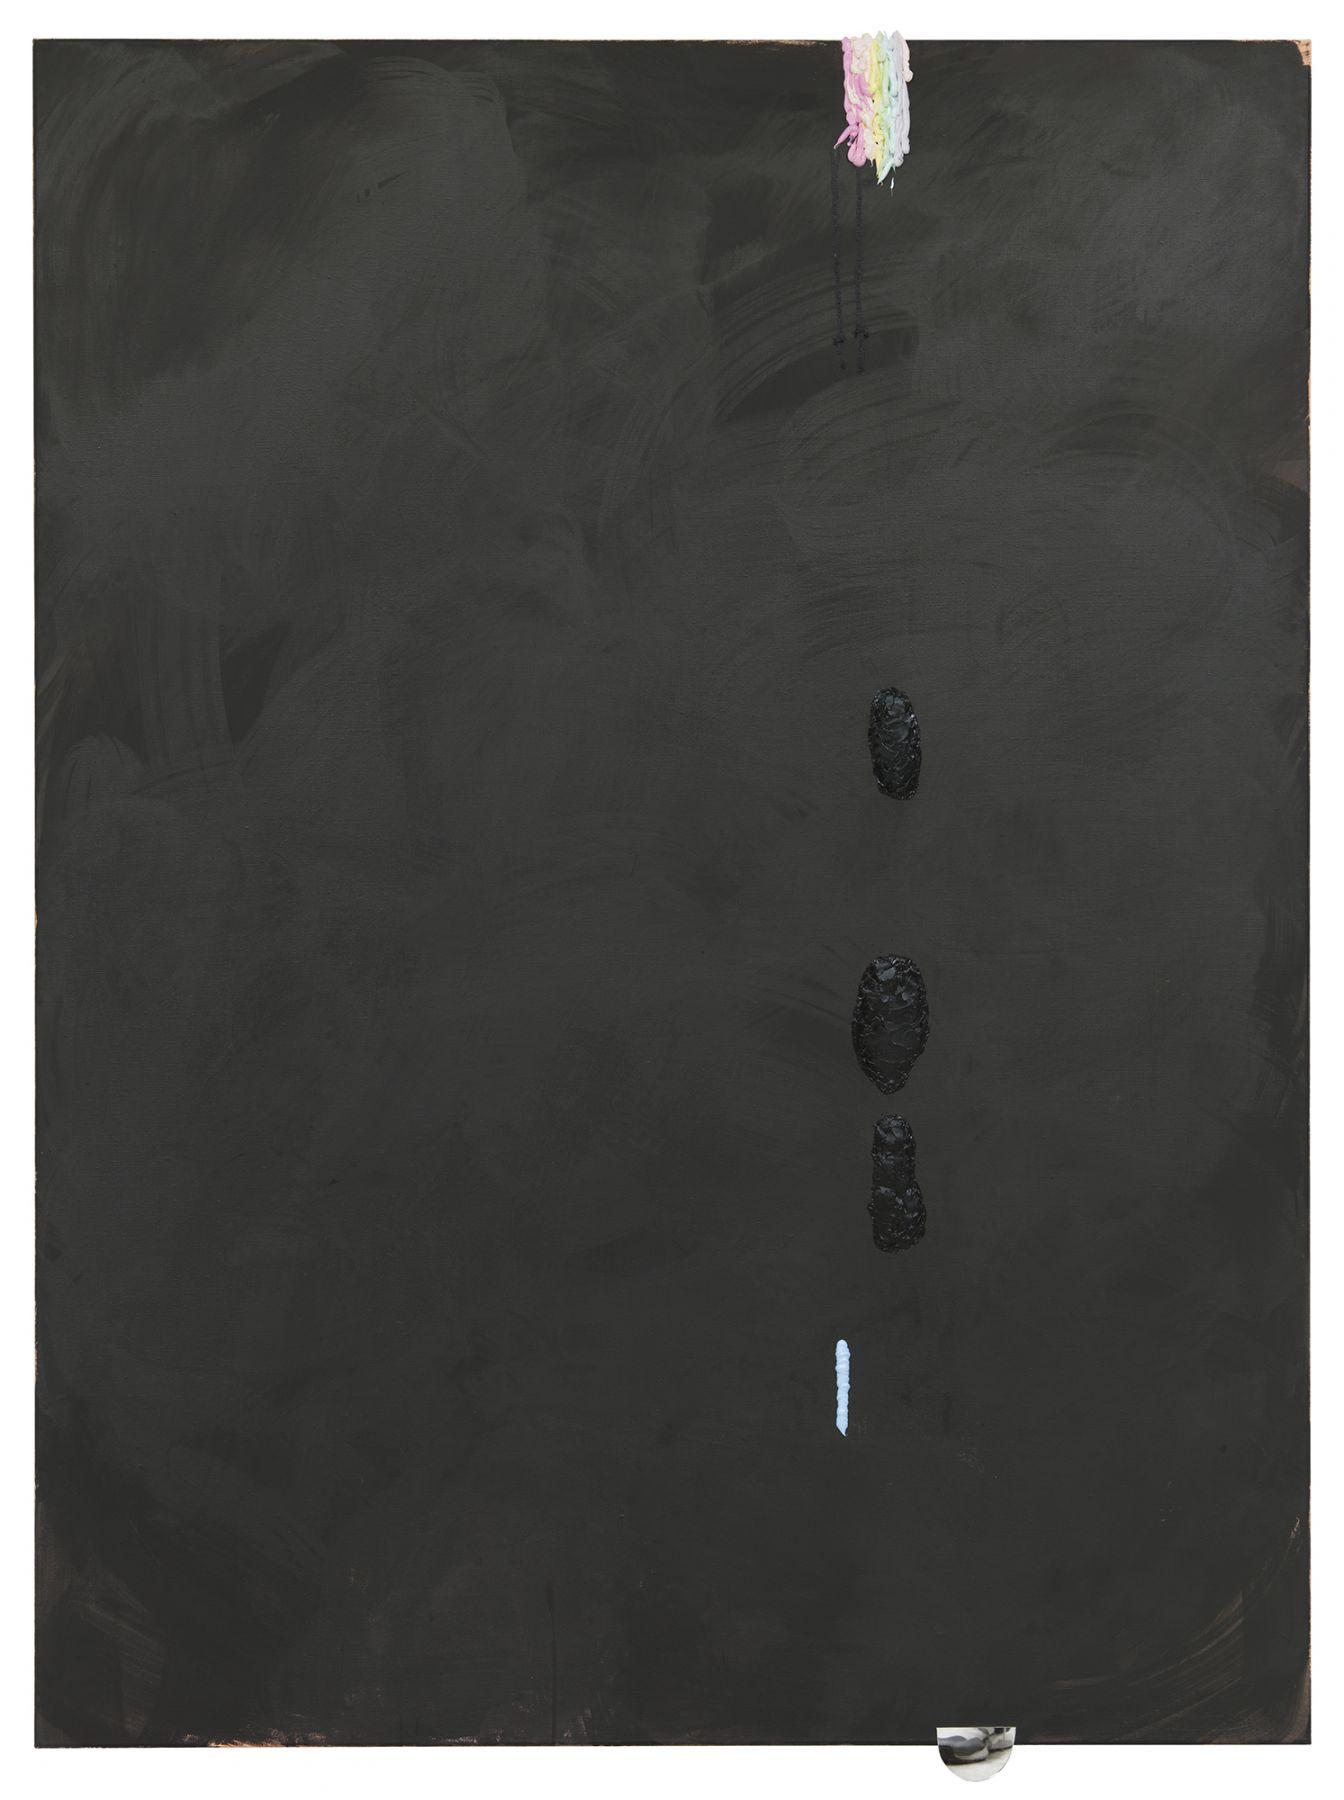 Monika Baer on hold, 2015 Acrylic, ink, mirror, oil on canvas 72 5/8 x 53 1/8 inches (184.5 x 135 cm)Monika Baer on hold, 2015 Acrylic, ink, mirror, oil on canvas 72 5/8 x 53 1/8 inches (184.5 x 135 cm)